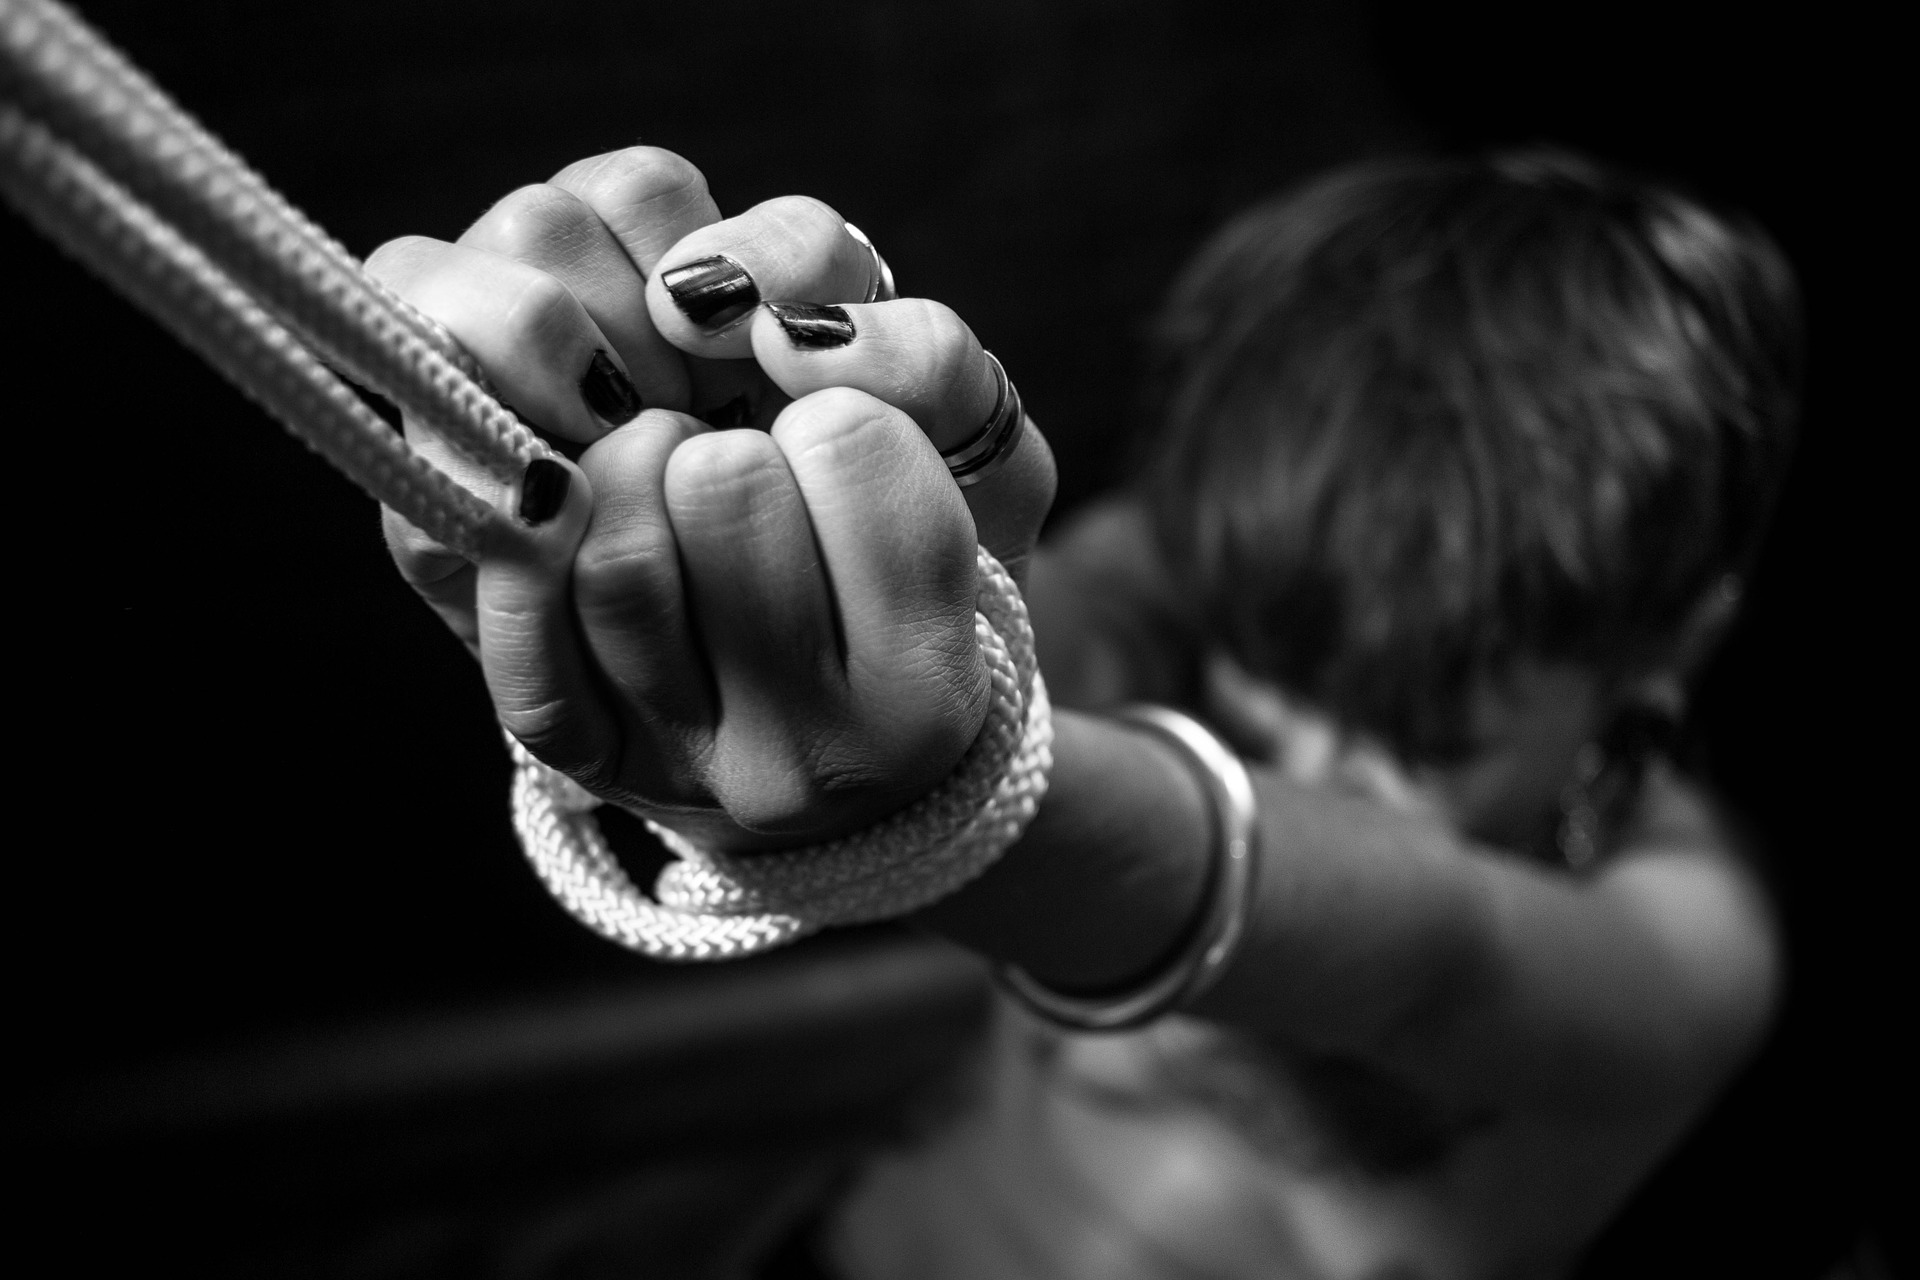 ropes-1190114_1920